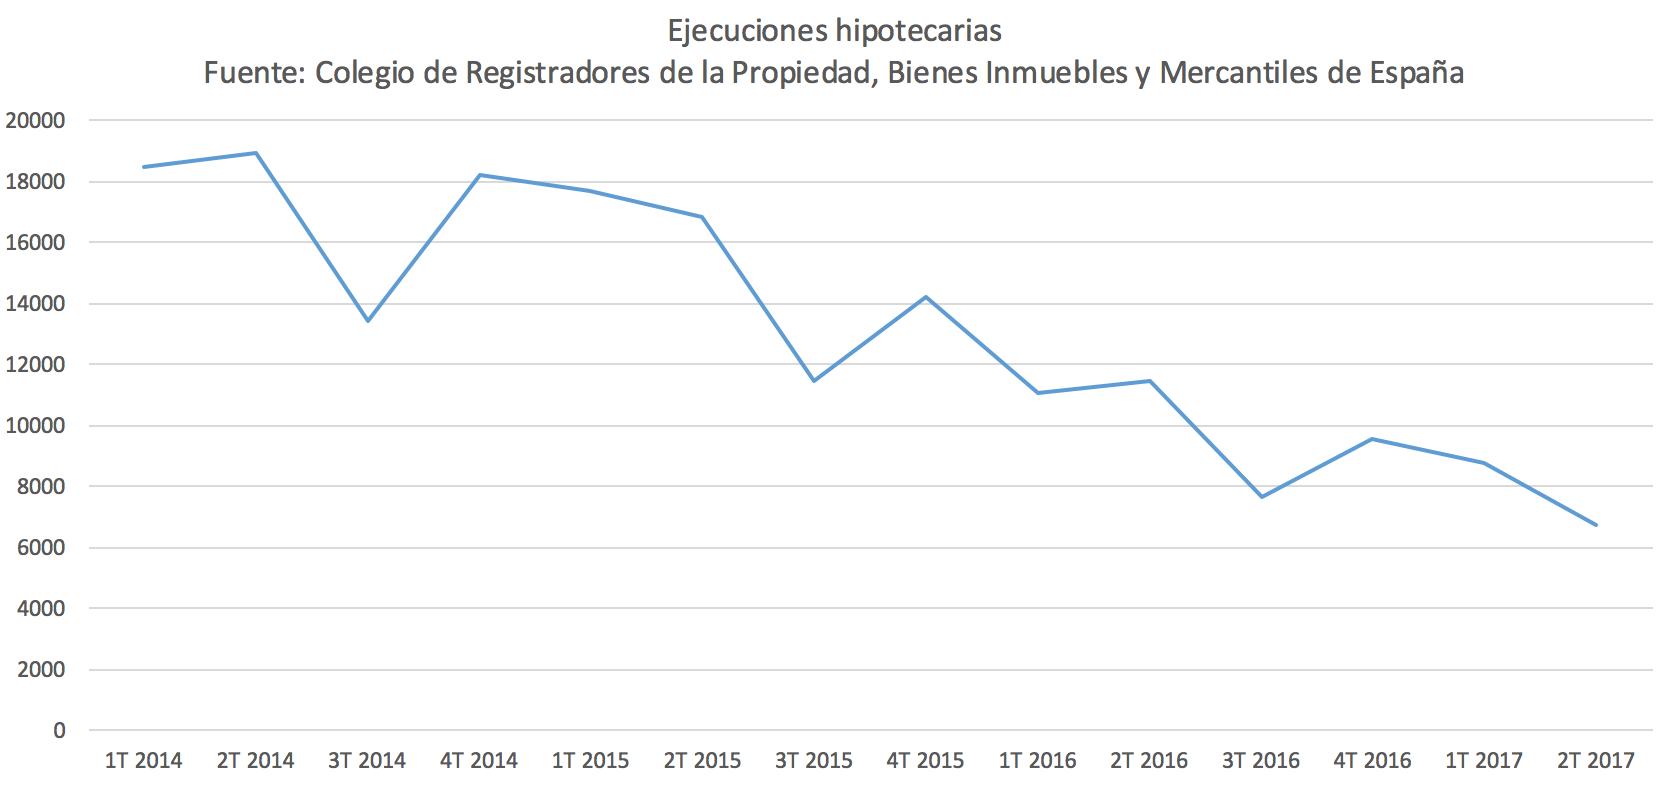 1-Ejecuciones-hipotecarias.png